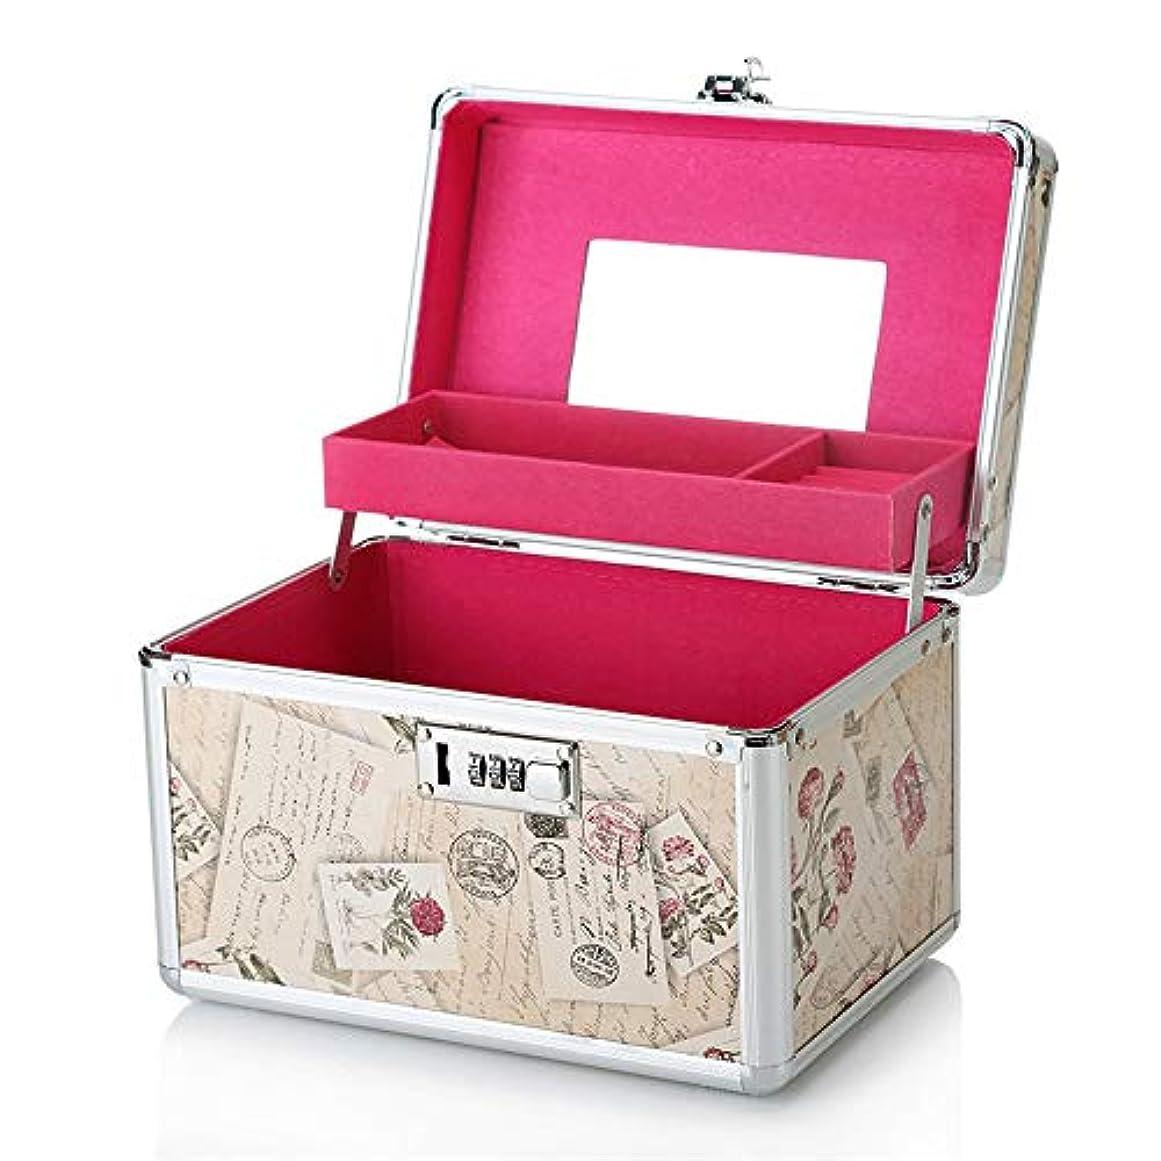 もっともらしい刈る香り特大スペース収納ビューティーボックス 美の構造のためそしてジッパーおよび折る皿が付いている女の子の女性旅行そして毎日の貯蔵のための高容量の携帯用化粧品袋 化粧品化粧台